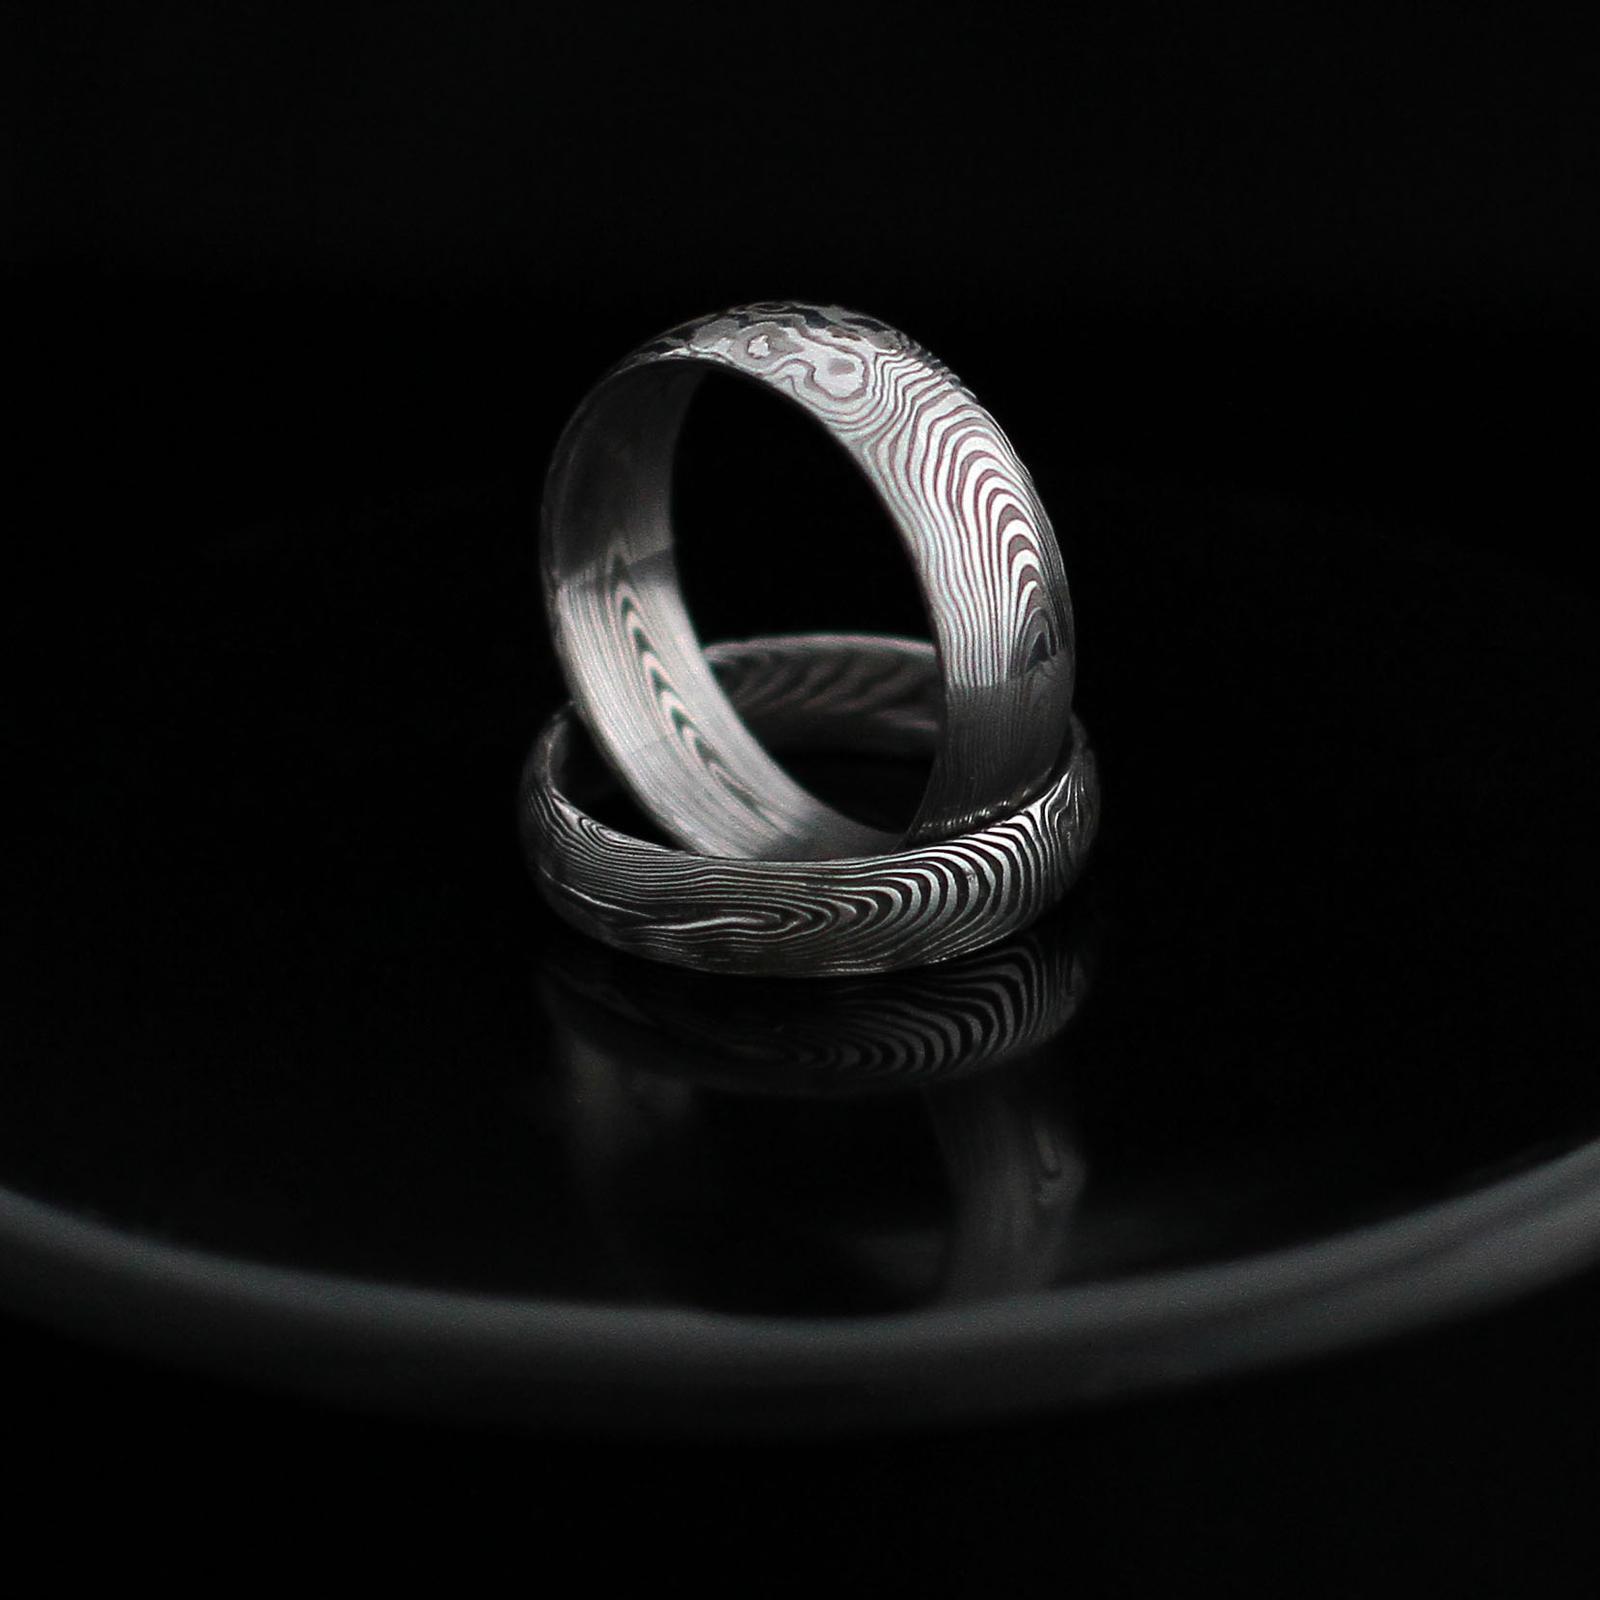 Cena našich prstenů začíná... - Obrázek č. 2